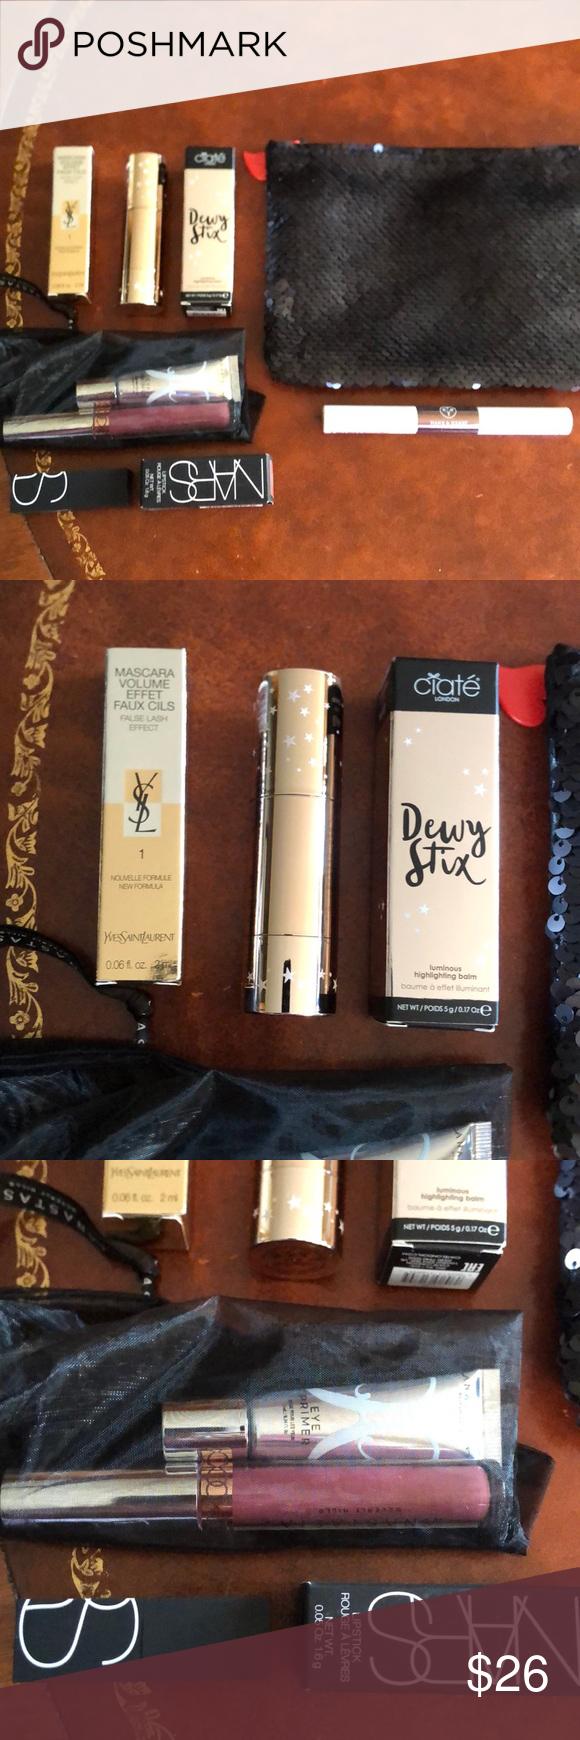 Nib High end 7 piece makeup set NWT Makeup set, Makeup